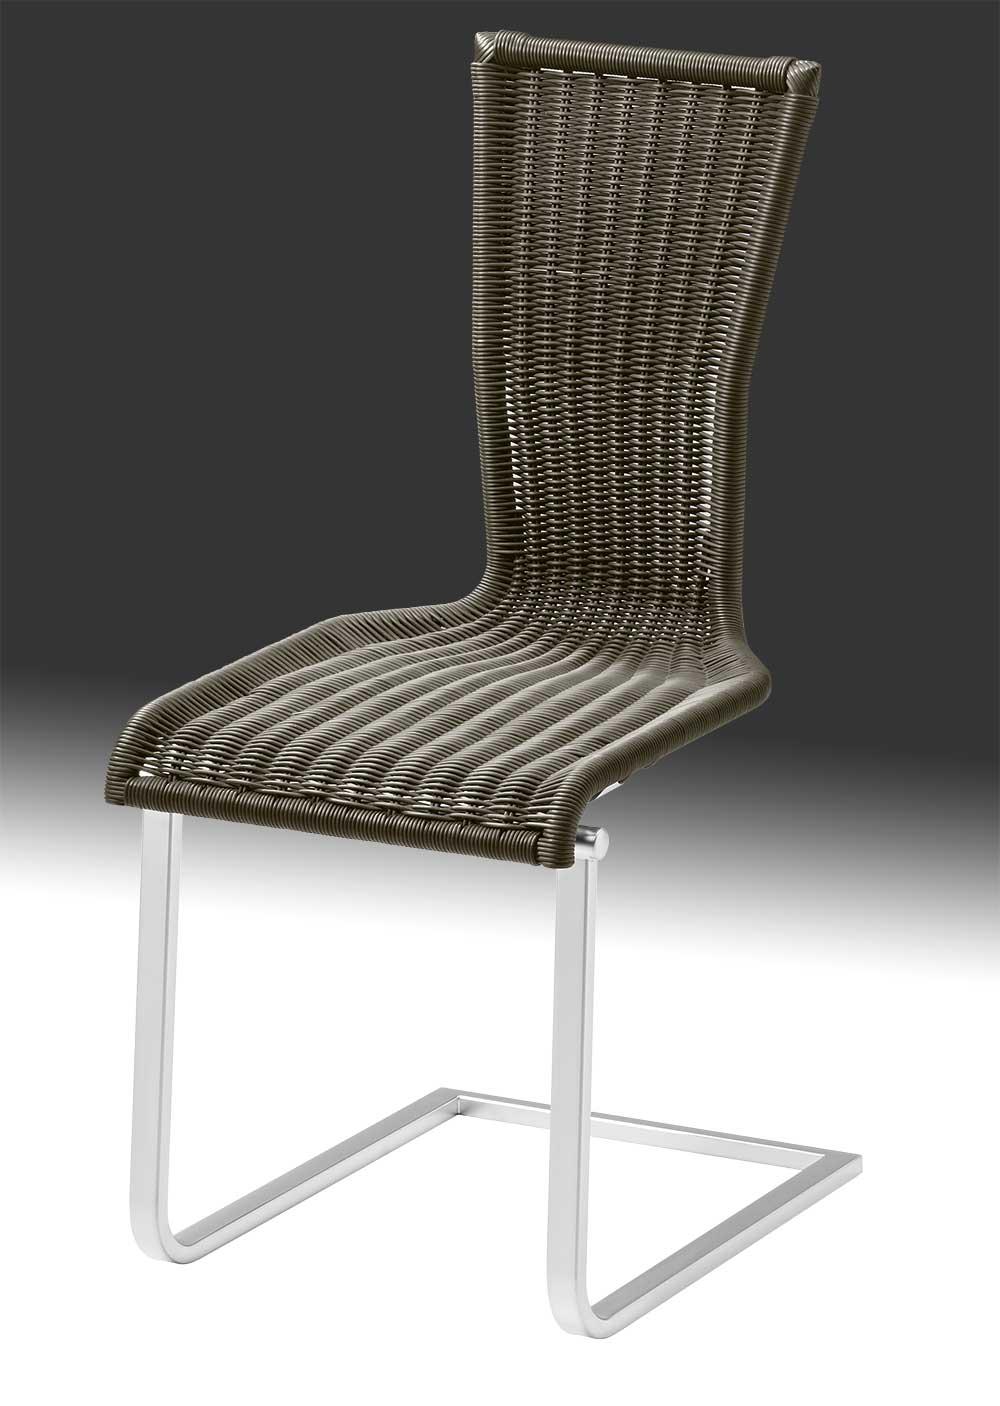 Gelb Acapulco Relaxsessel Ambiente Sessel Riess Stuhl Gartenstuhl Moderner Outdoorstuhl Wetterfest strCodBhQx